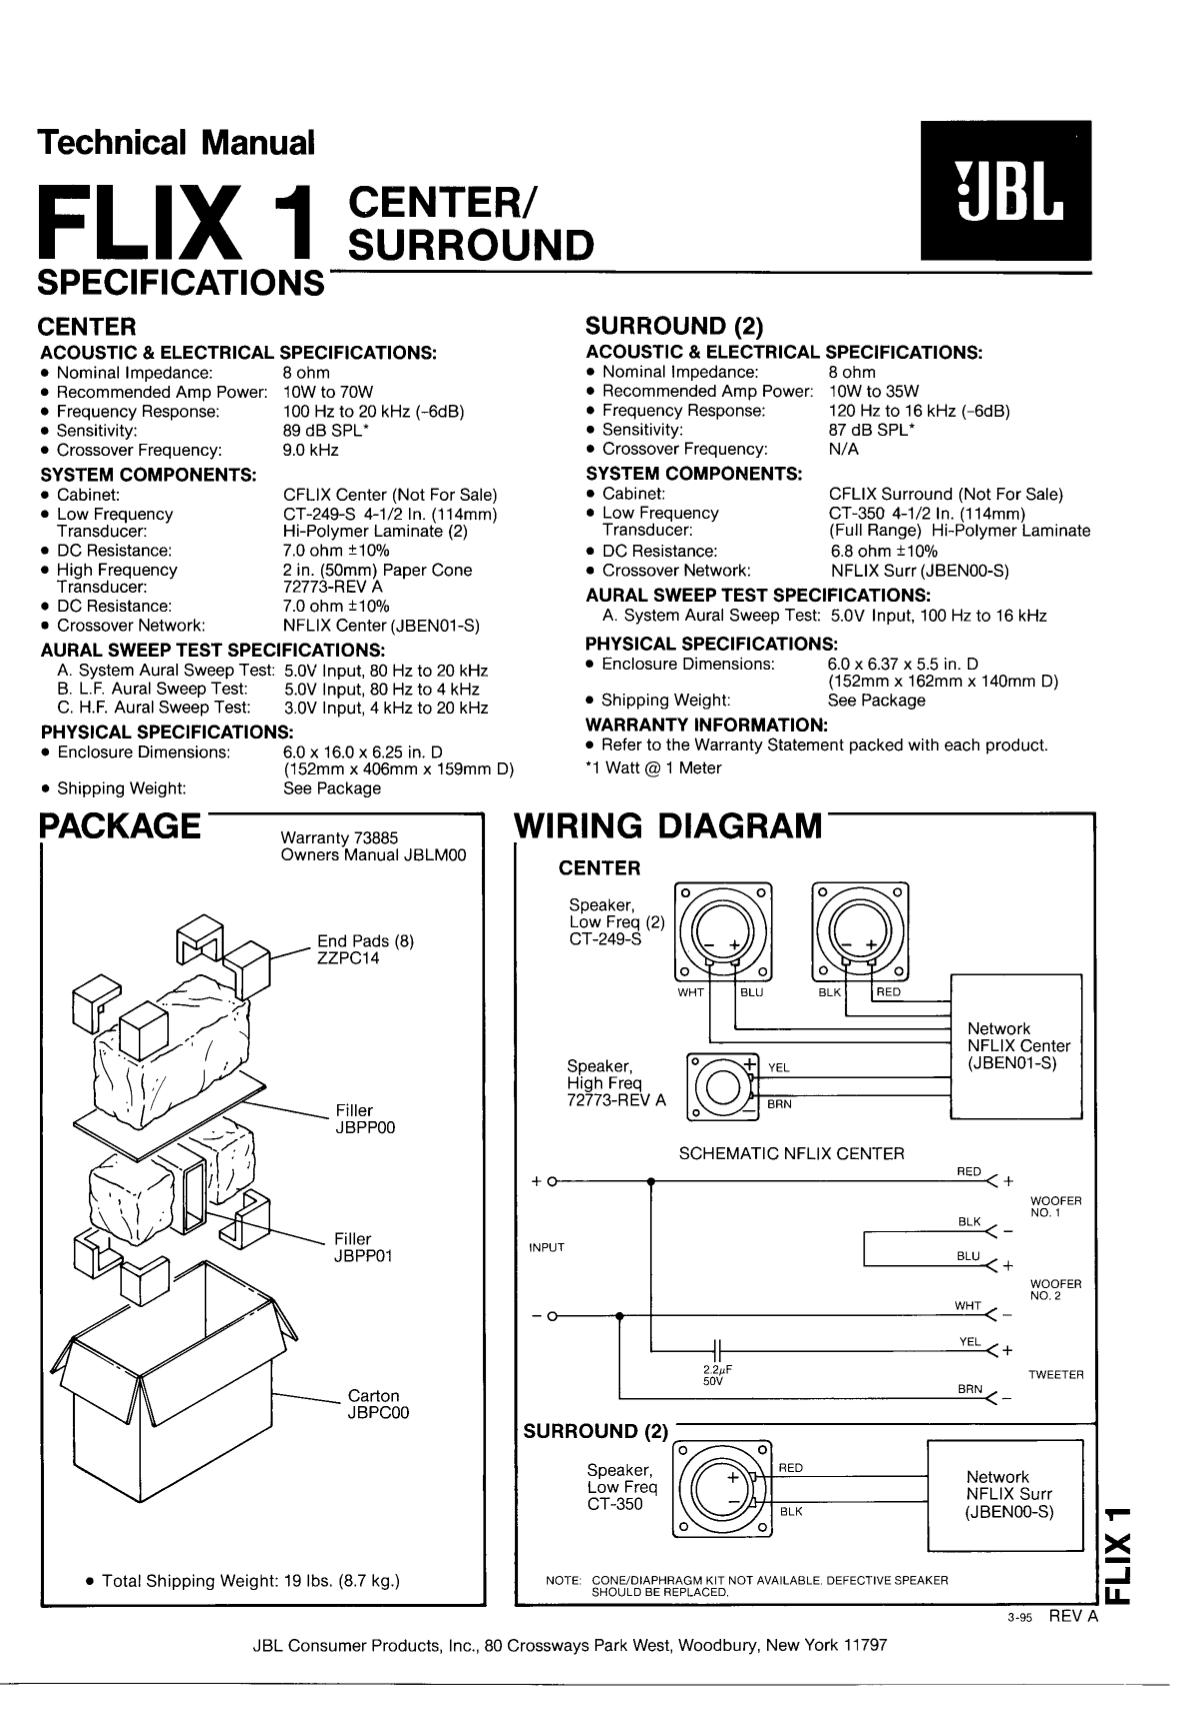 download free pdf for jbl flix 1 speaker manual